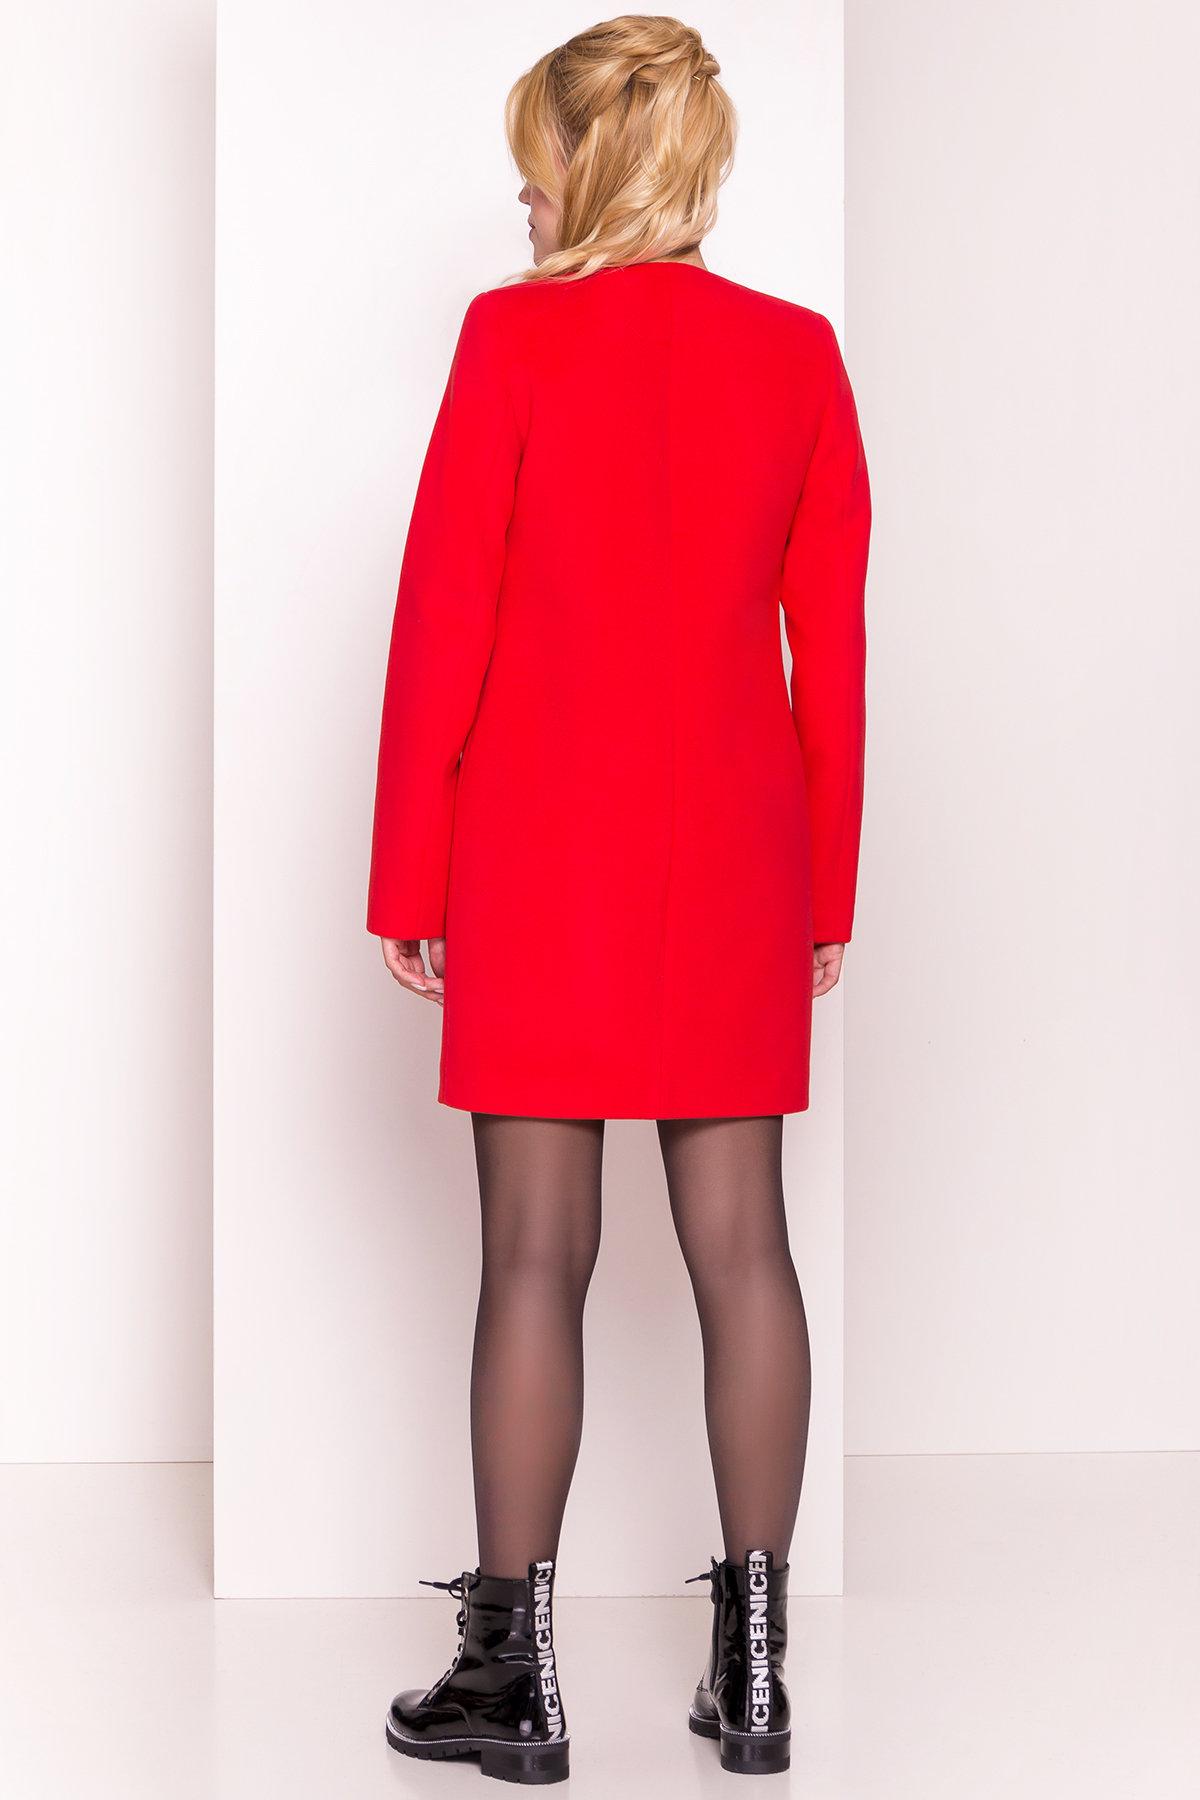 Пальто Фортуна 4812 АРТ. 5342 Цвет: Красный 6 - фото 4, интернет магазин tm-modus.ru